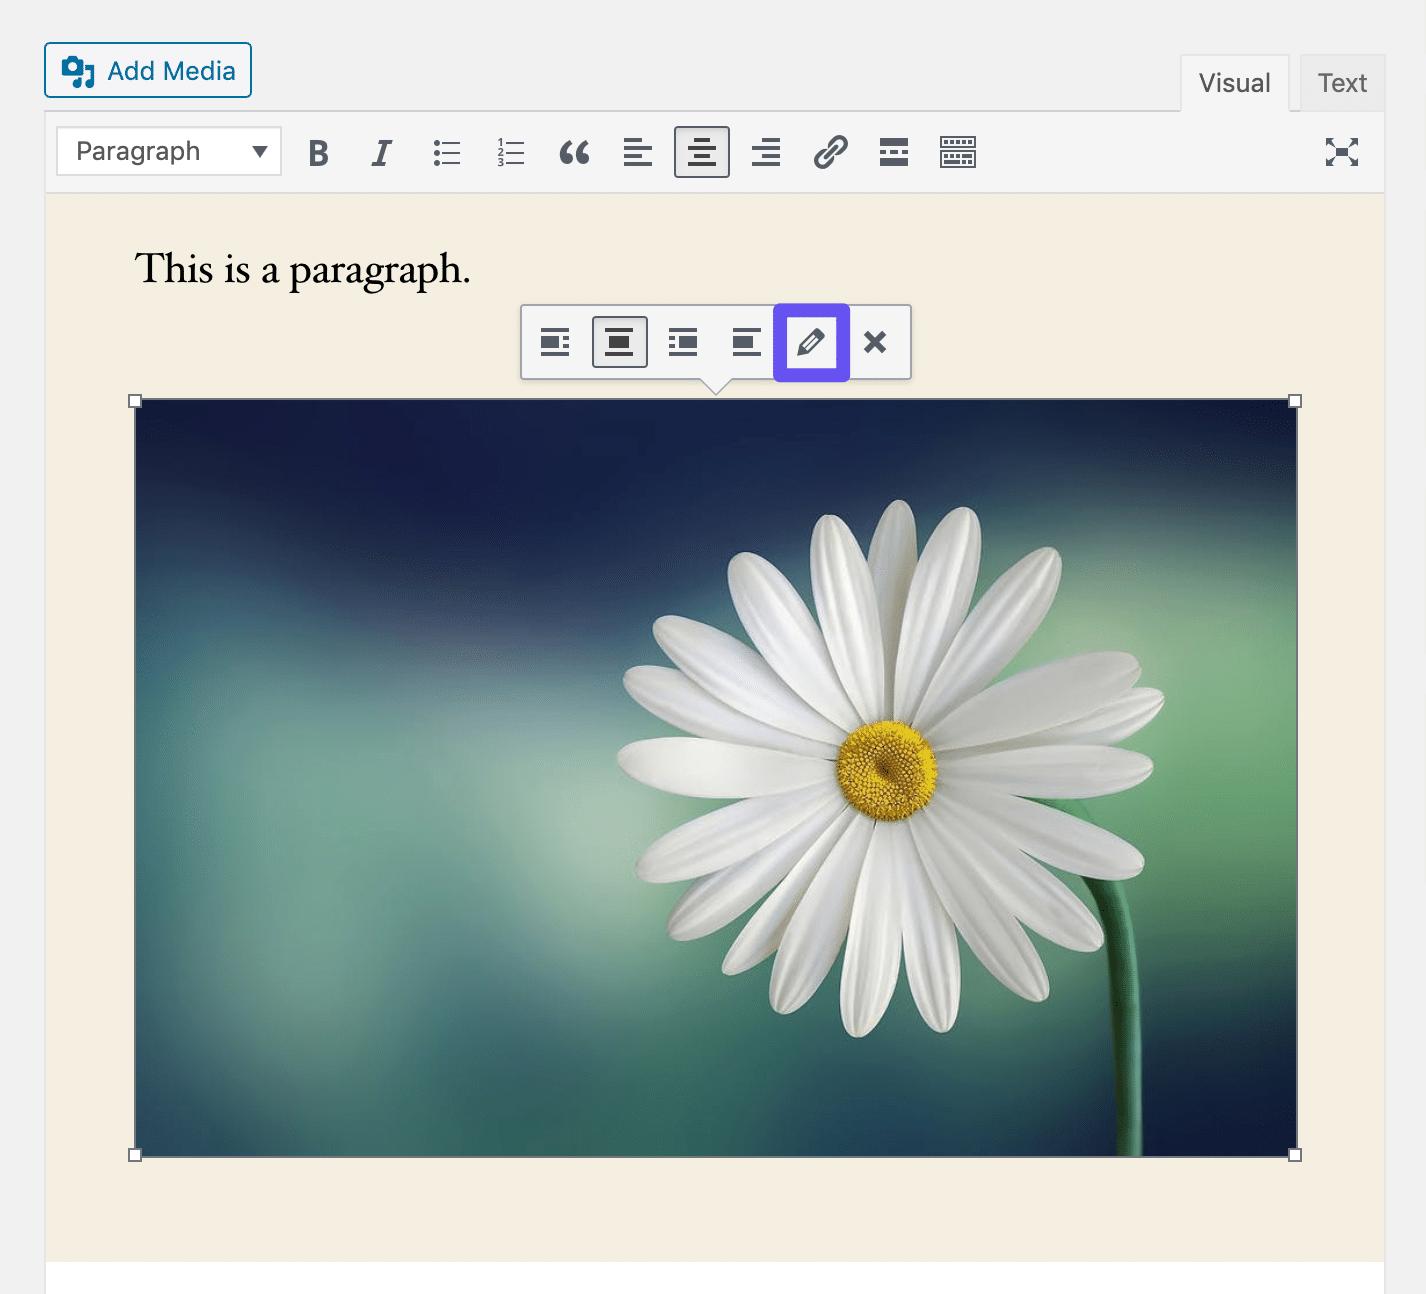 Instellingen van de afbeelding openen in de klassieke editor